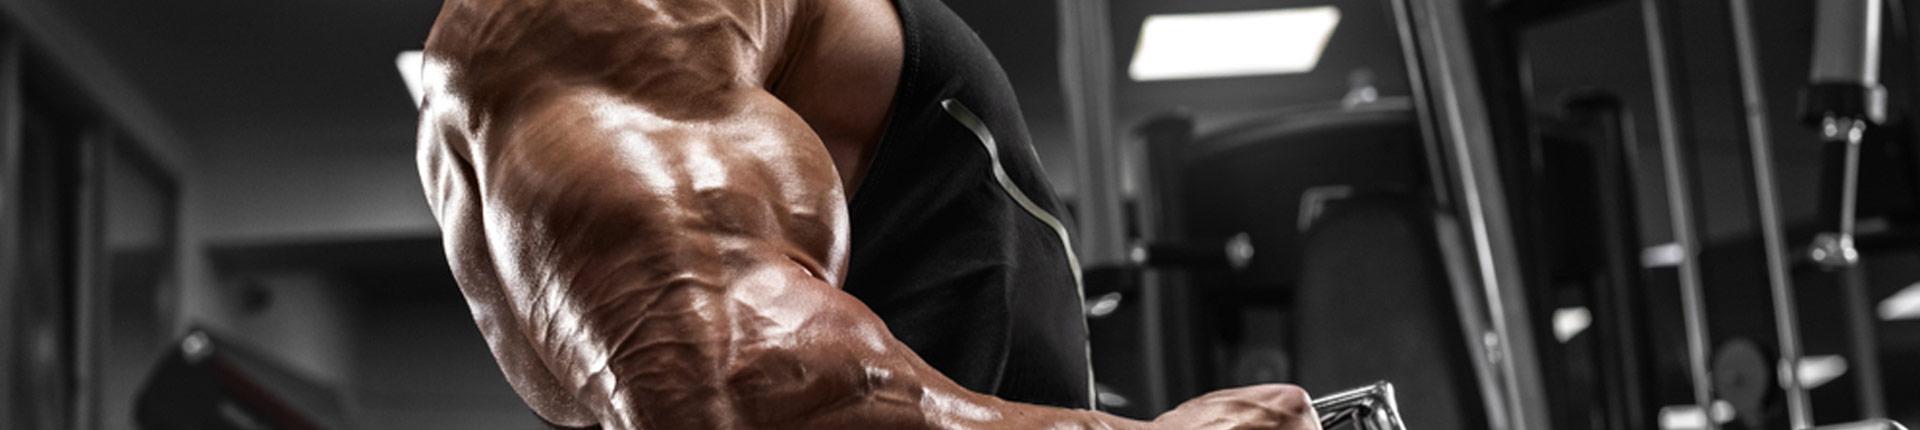 Czy zwiększanie ilości włókien mięśniowych jest możliwe?